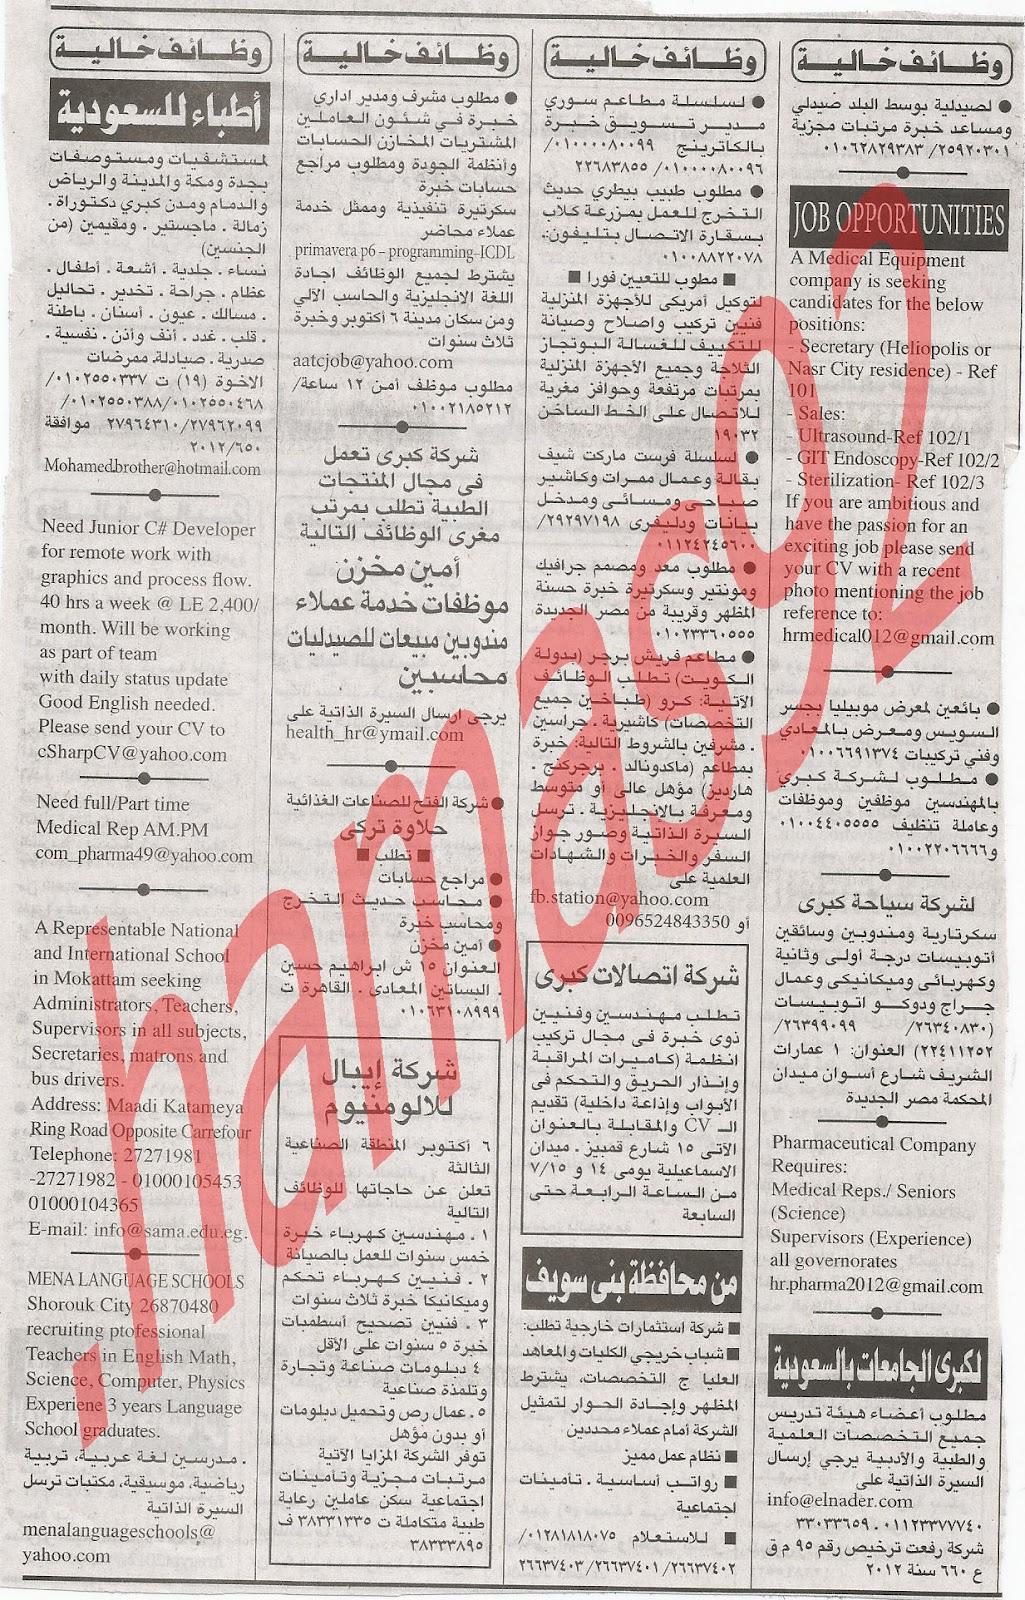 اعلانات وظائف جريدة الاهرام الجمعة 13/7/2012 كاملة - الاهرام الاسبوعى 4